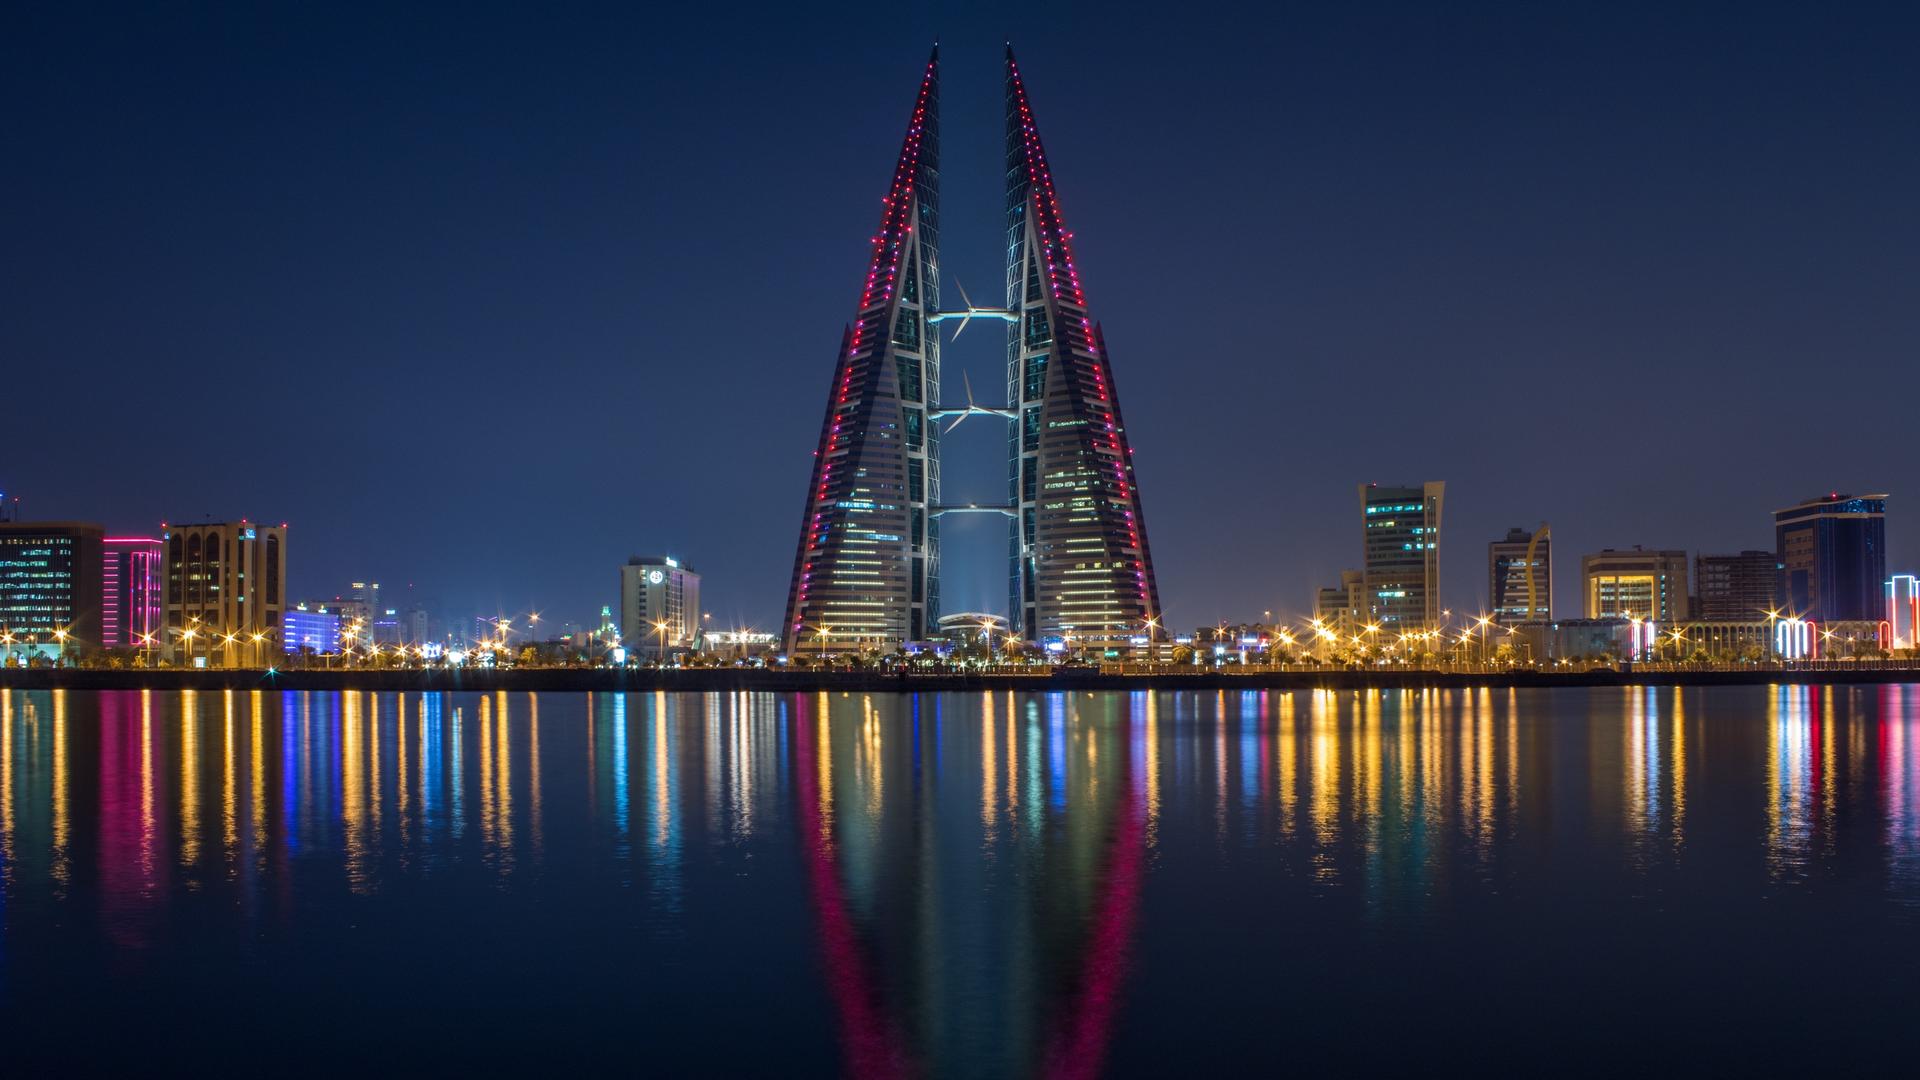 A view in Bahrain